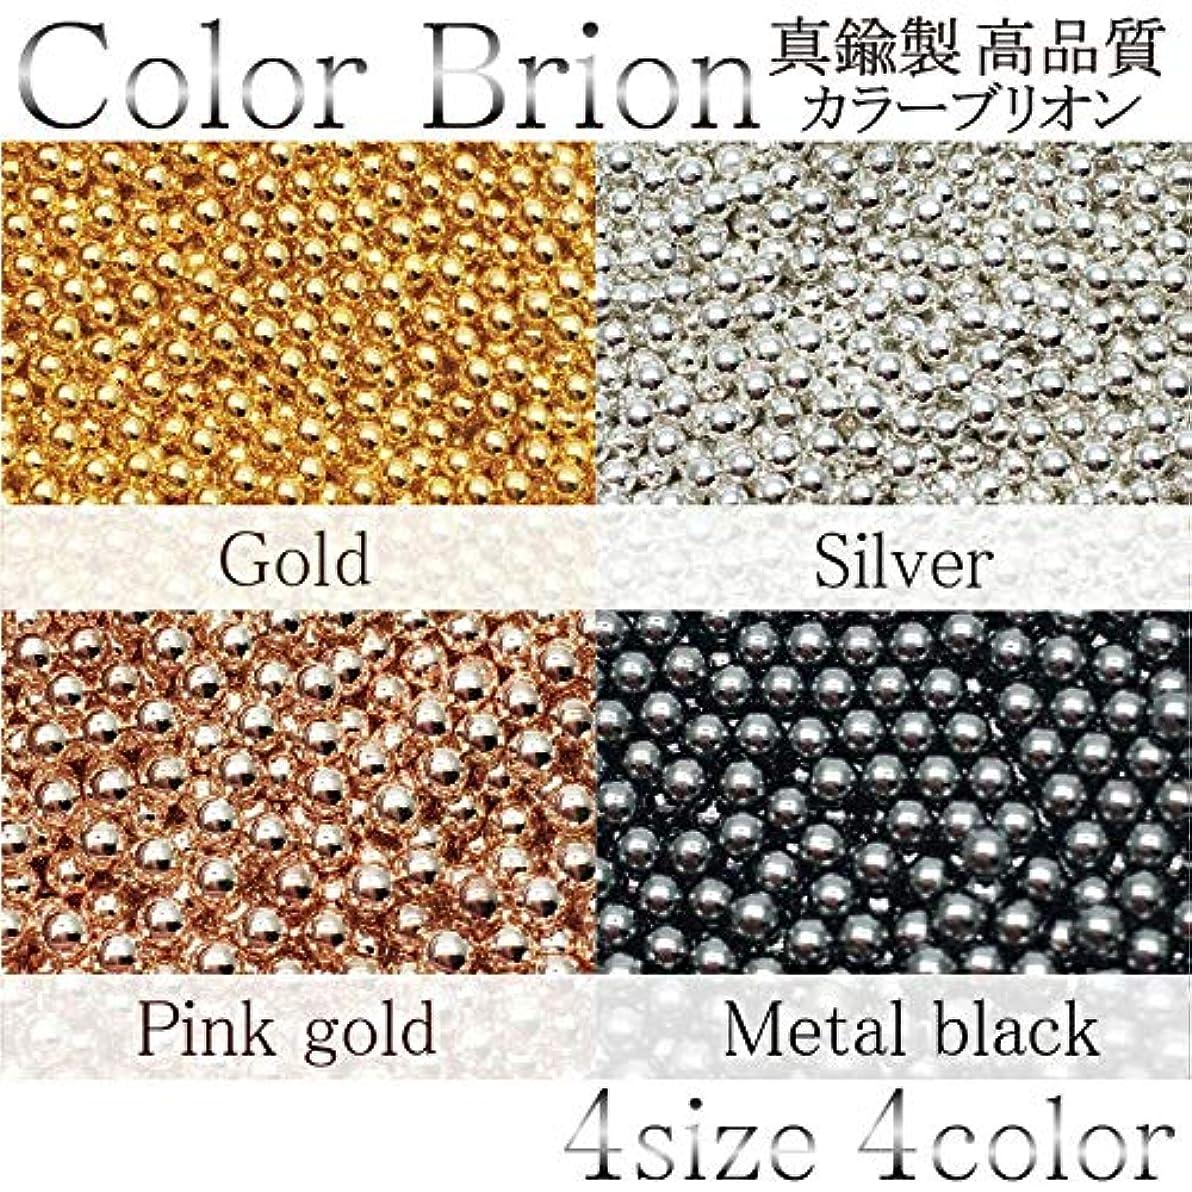 同志サンプルつなぐ真鍮製 高品質 カラーブリオン 各種 4色 (約1.5mm(約4g), 4.メタルブラック)